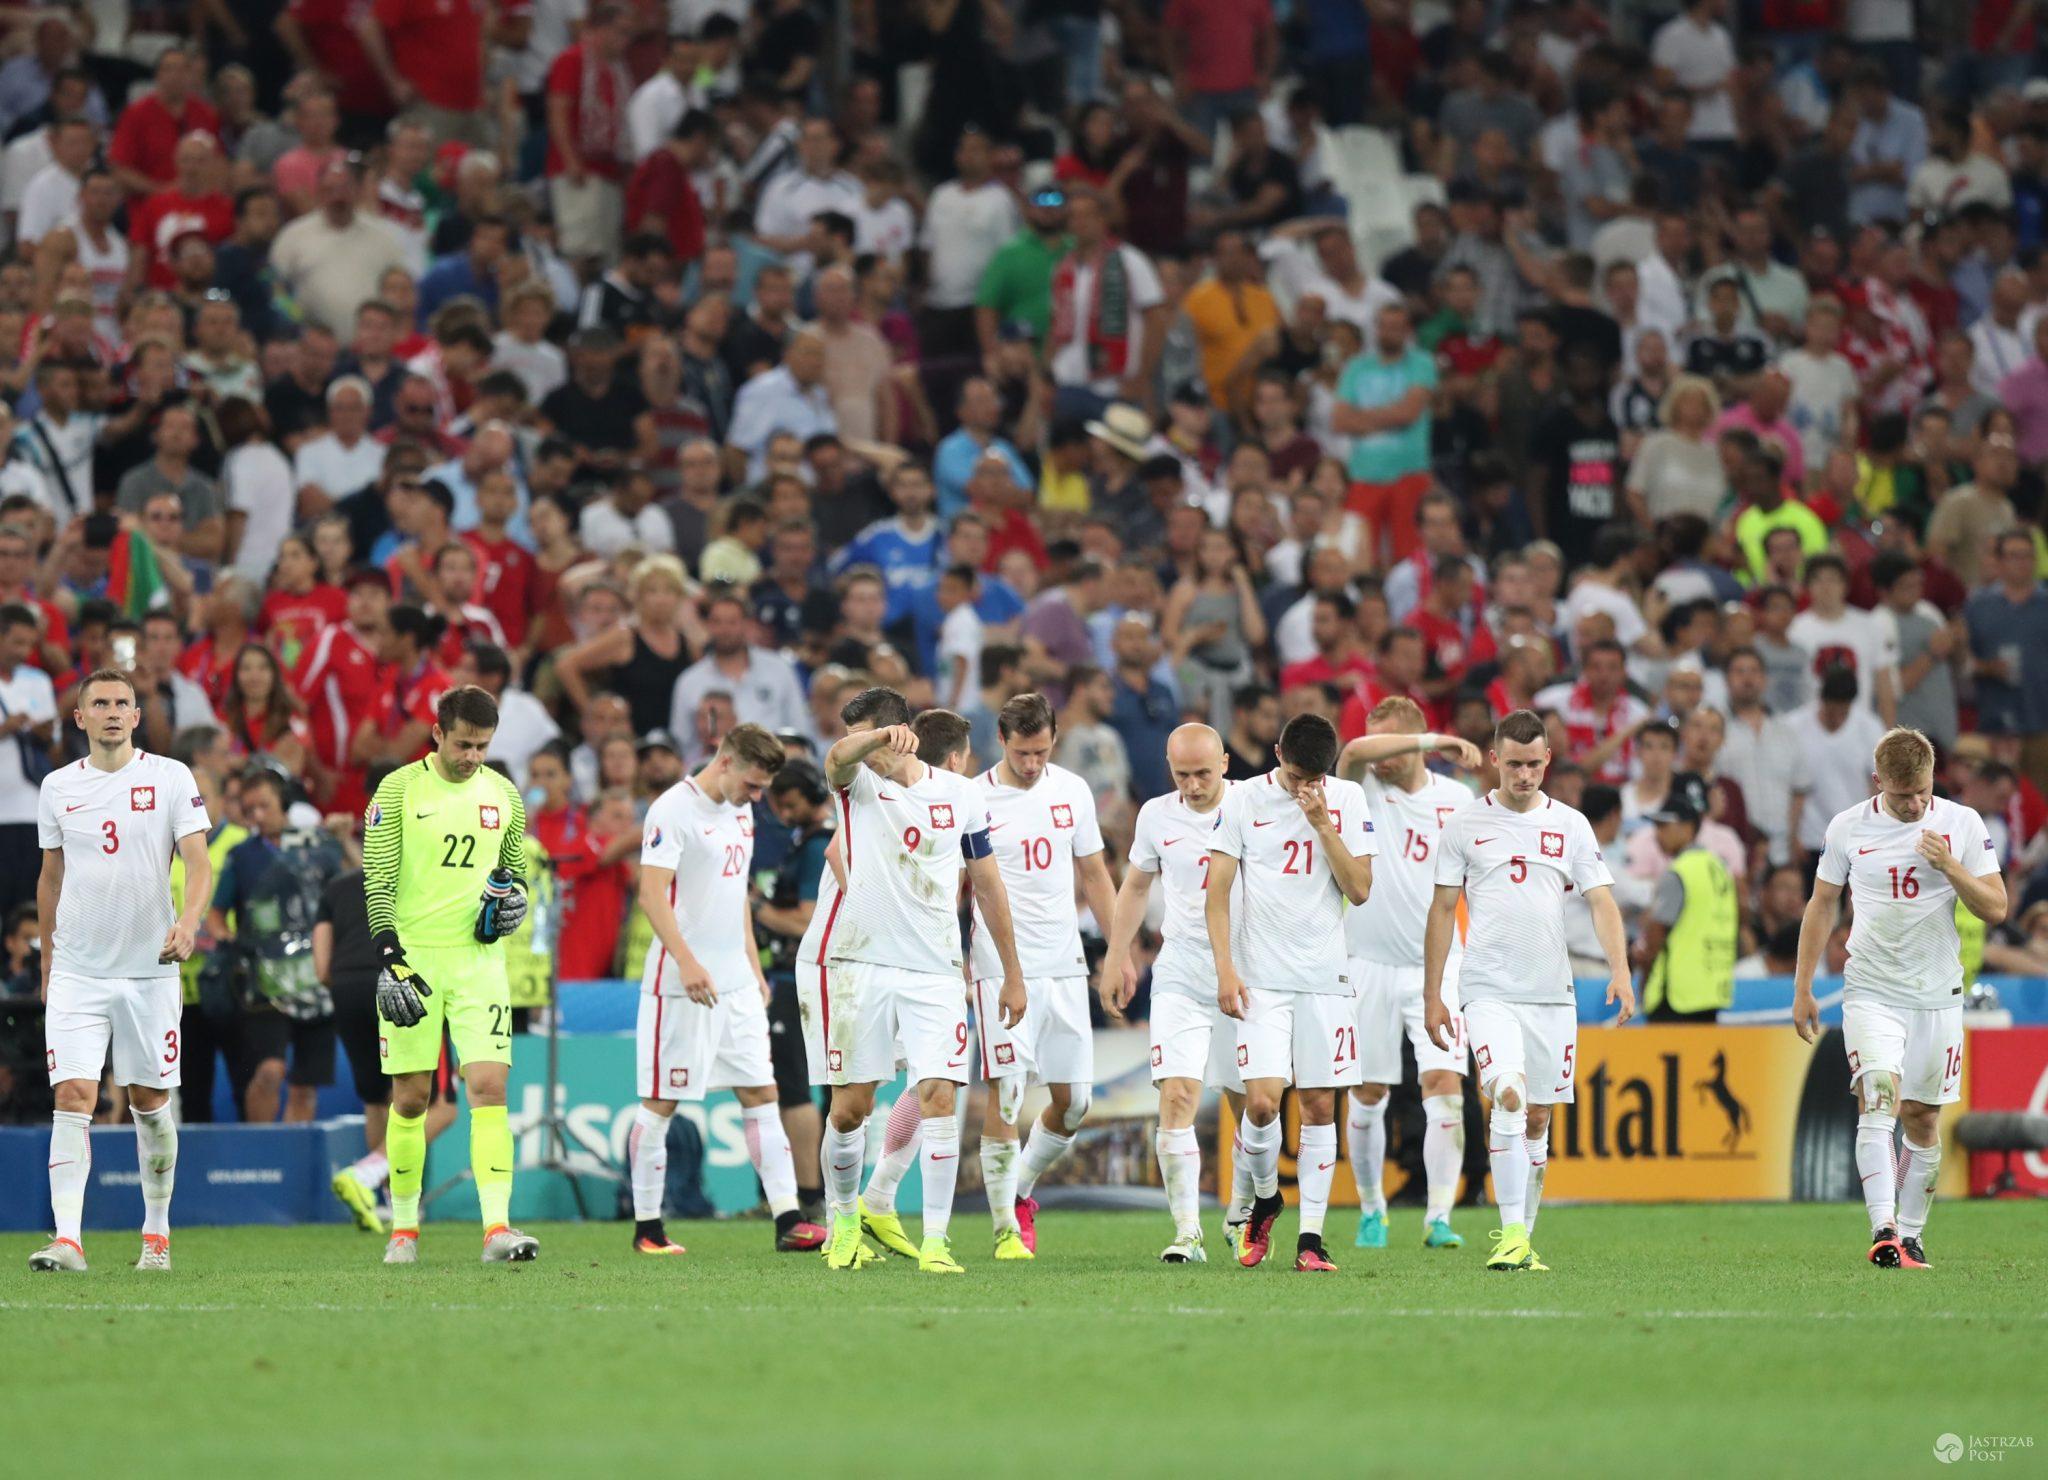 c98bb0ba2 Znamy wyniki oglądalności meczu Polska-Portugalia! Padł historyczny rekord!  - Wyniki oglądalności meczu